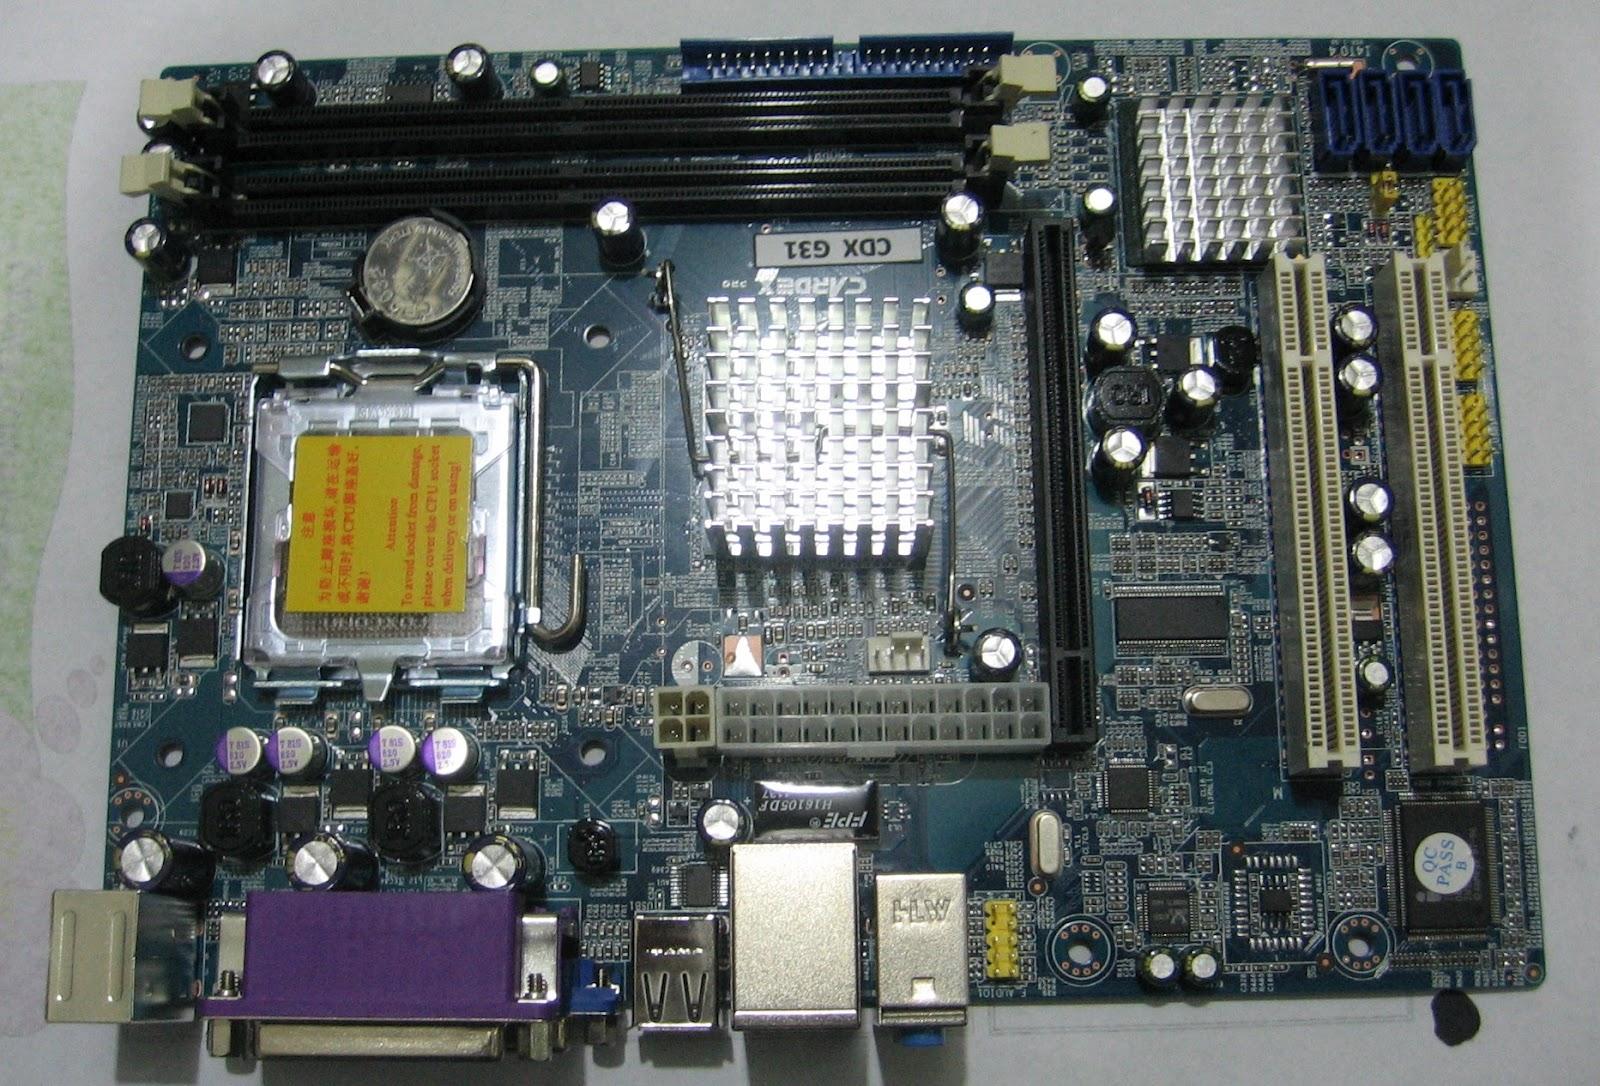 Intel G31 Motherboard Lan Drivers Free Download For Windows 7 Lga G33 Ddr2 Msi G31tm P21